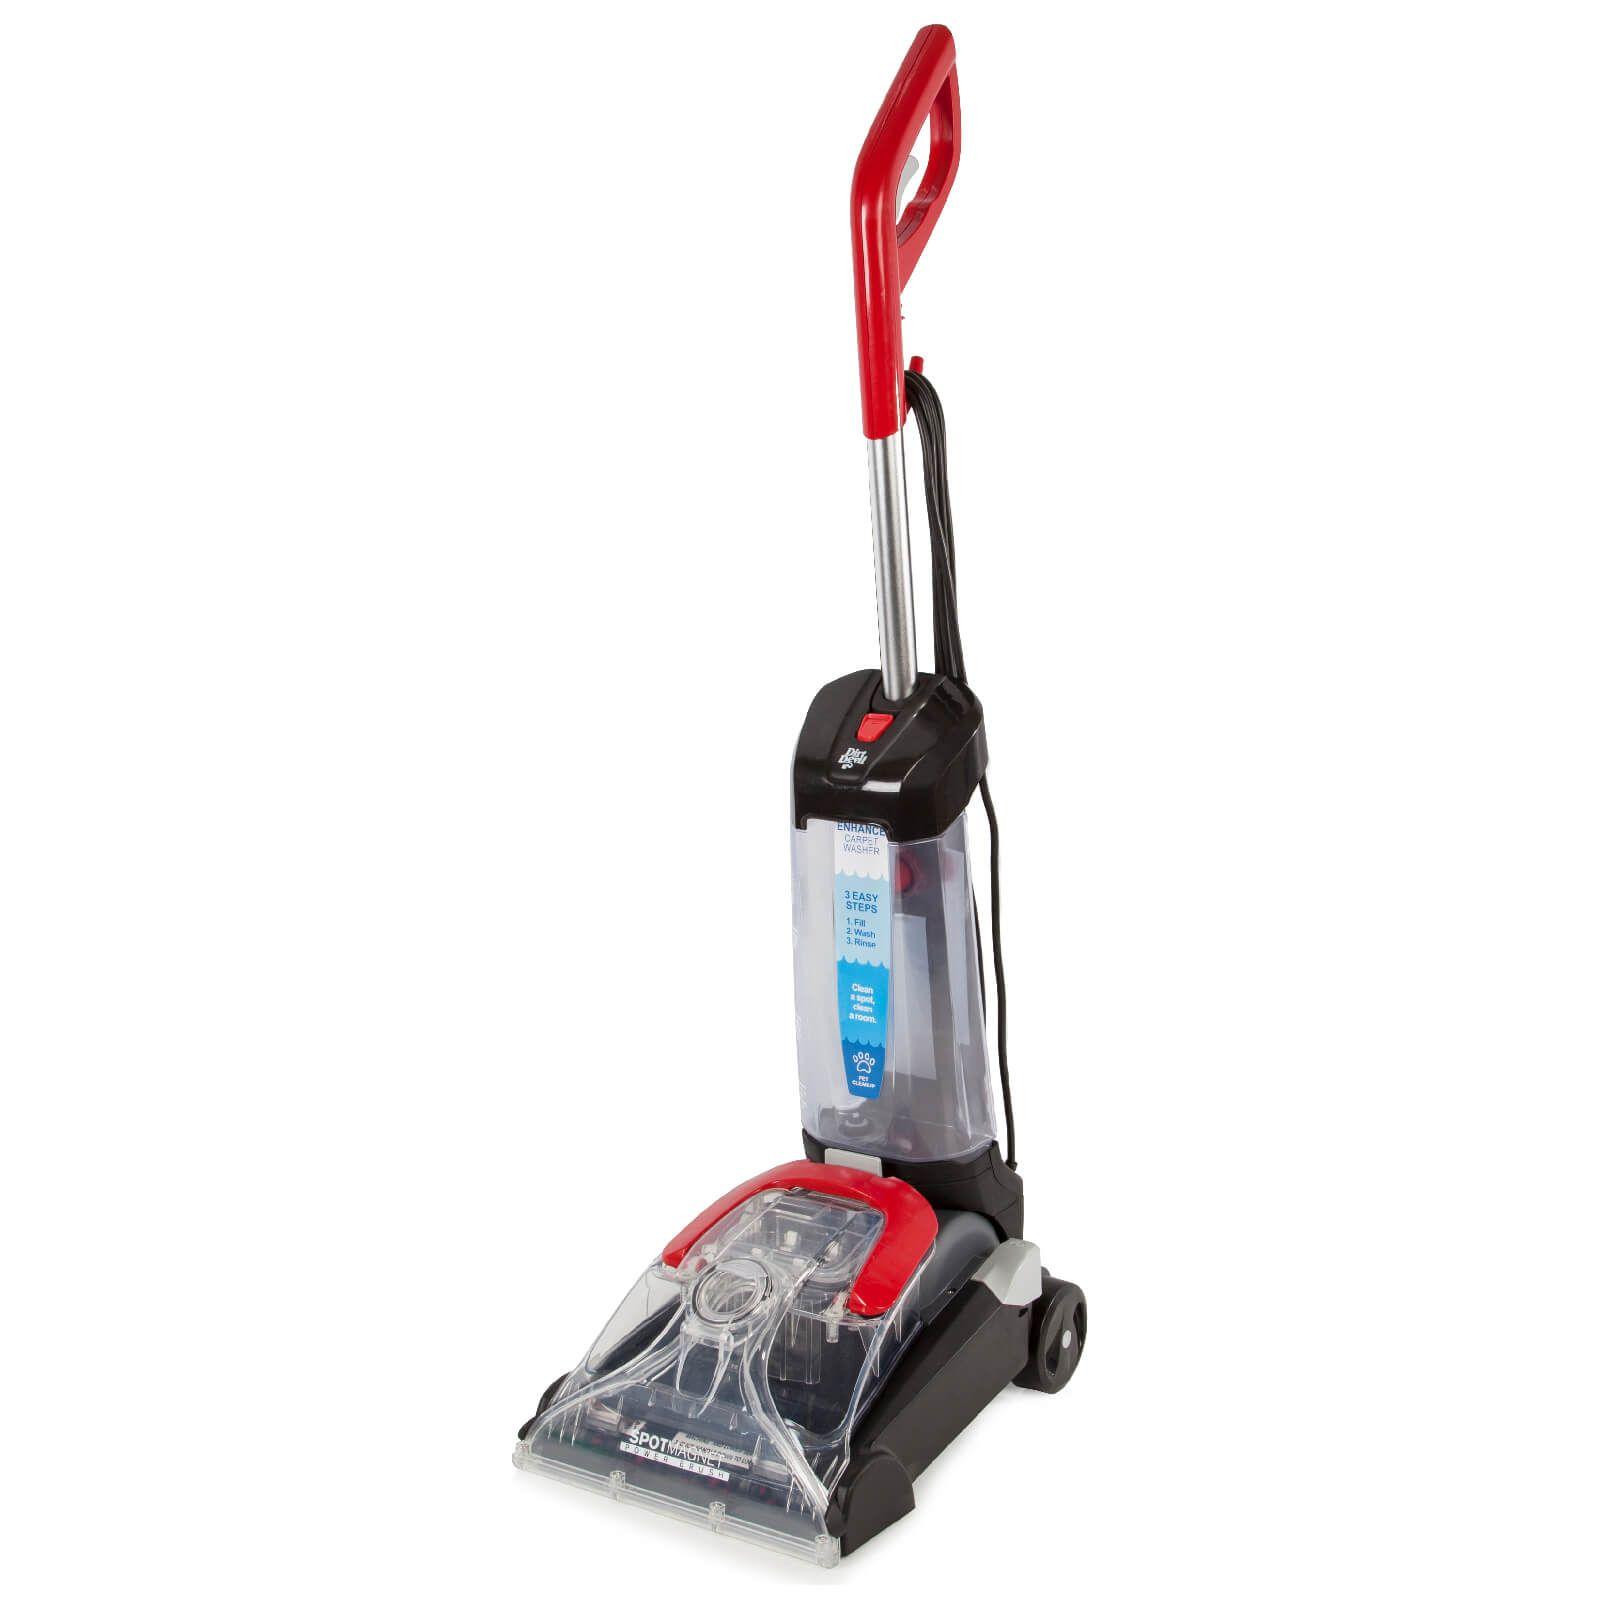 Dirt Devil Carpet Cleaner Easy Lite